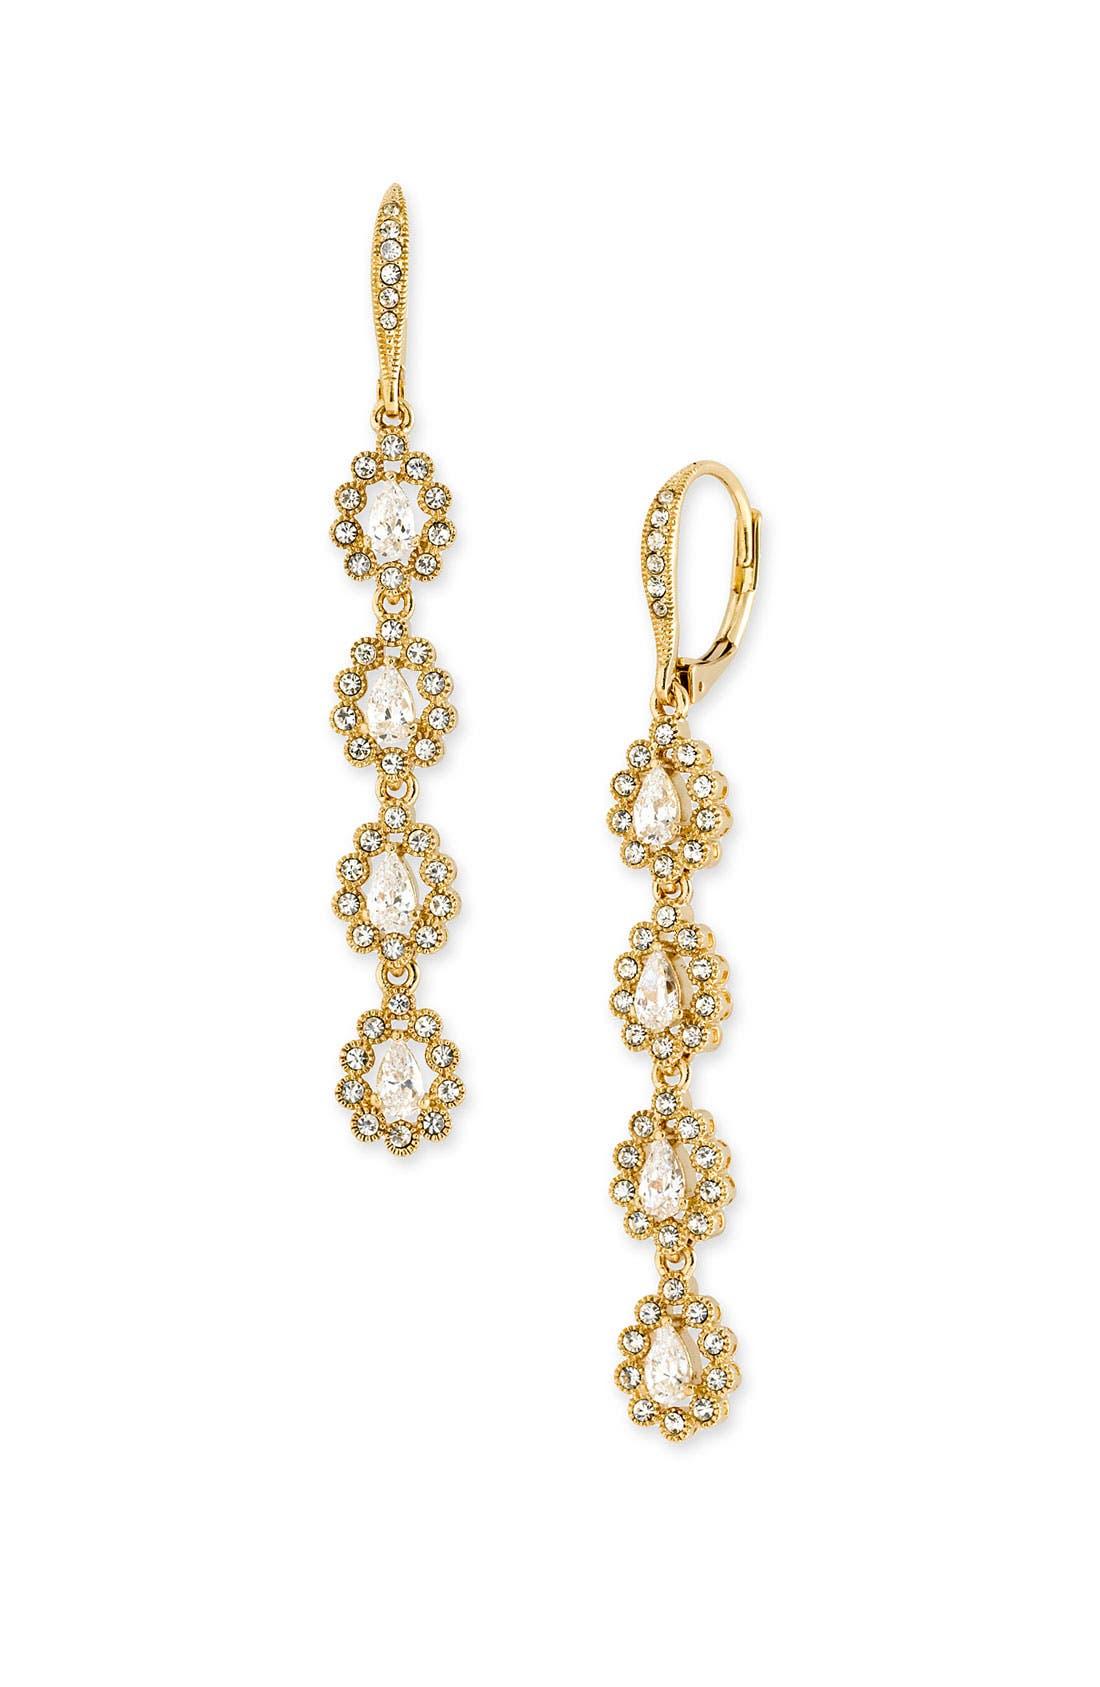 Main Image - Nadri Linear Teardrop Earrings